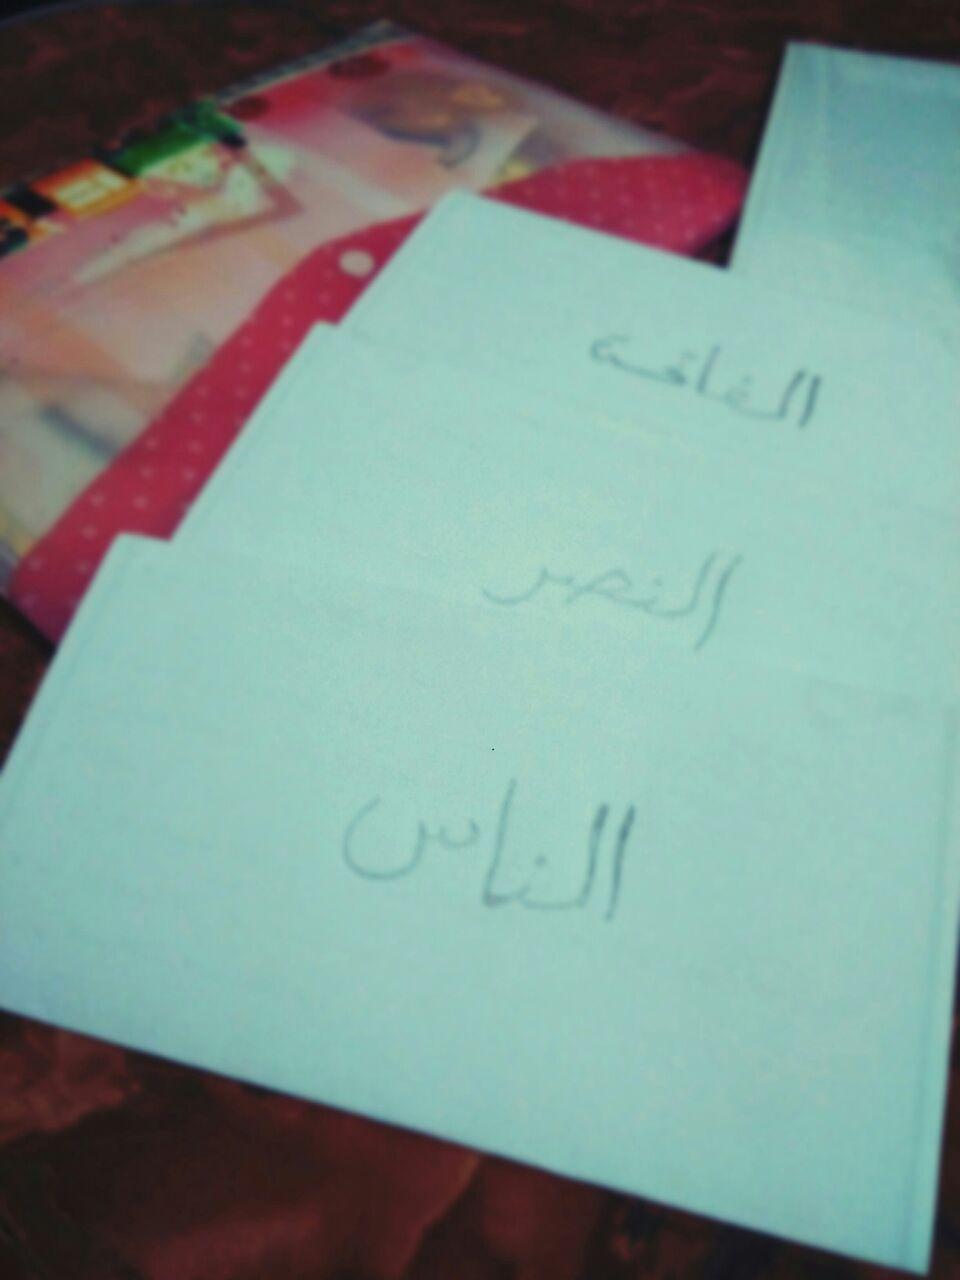 شرح واف لكيفية تطبيق هذه السلسلة و كيف نستخدم بطاقات التحفيظ مع الاطفال و كيف يتم تفسير جزء عم له Muslim Kids Activities Islamic Kids Activities Islam For Kids